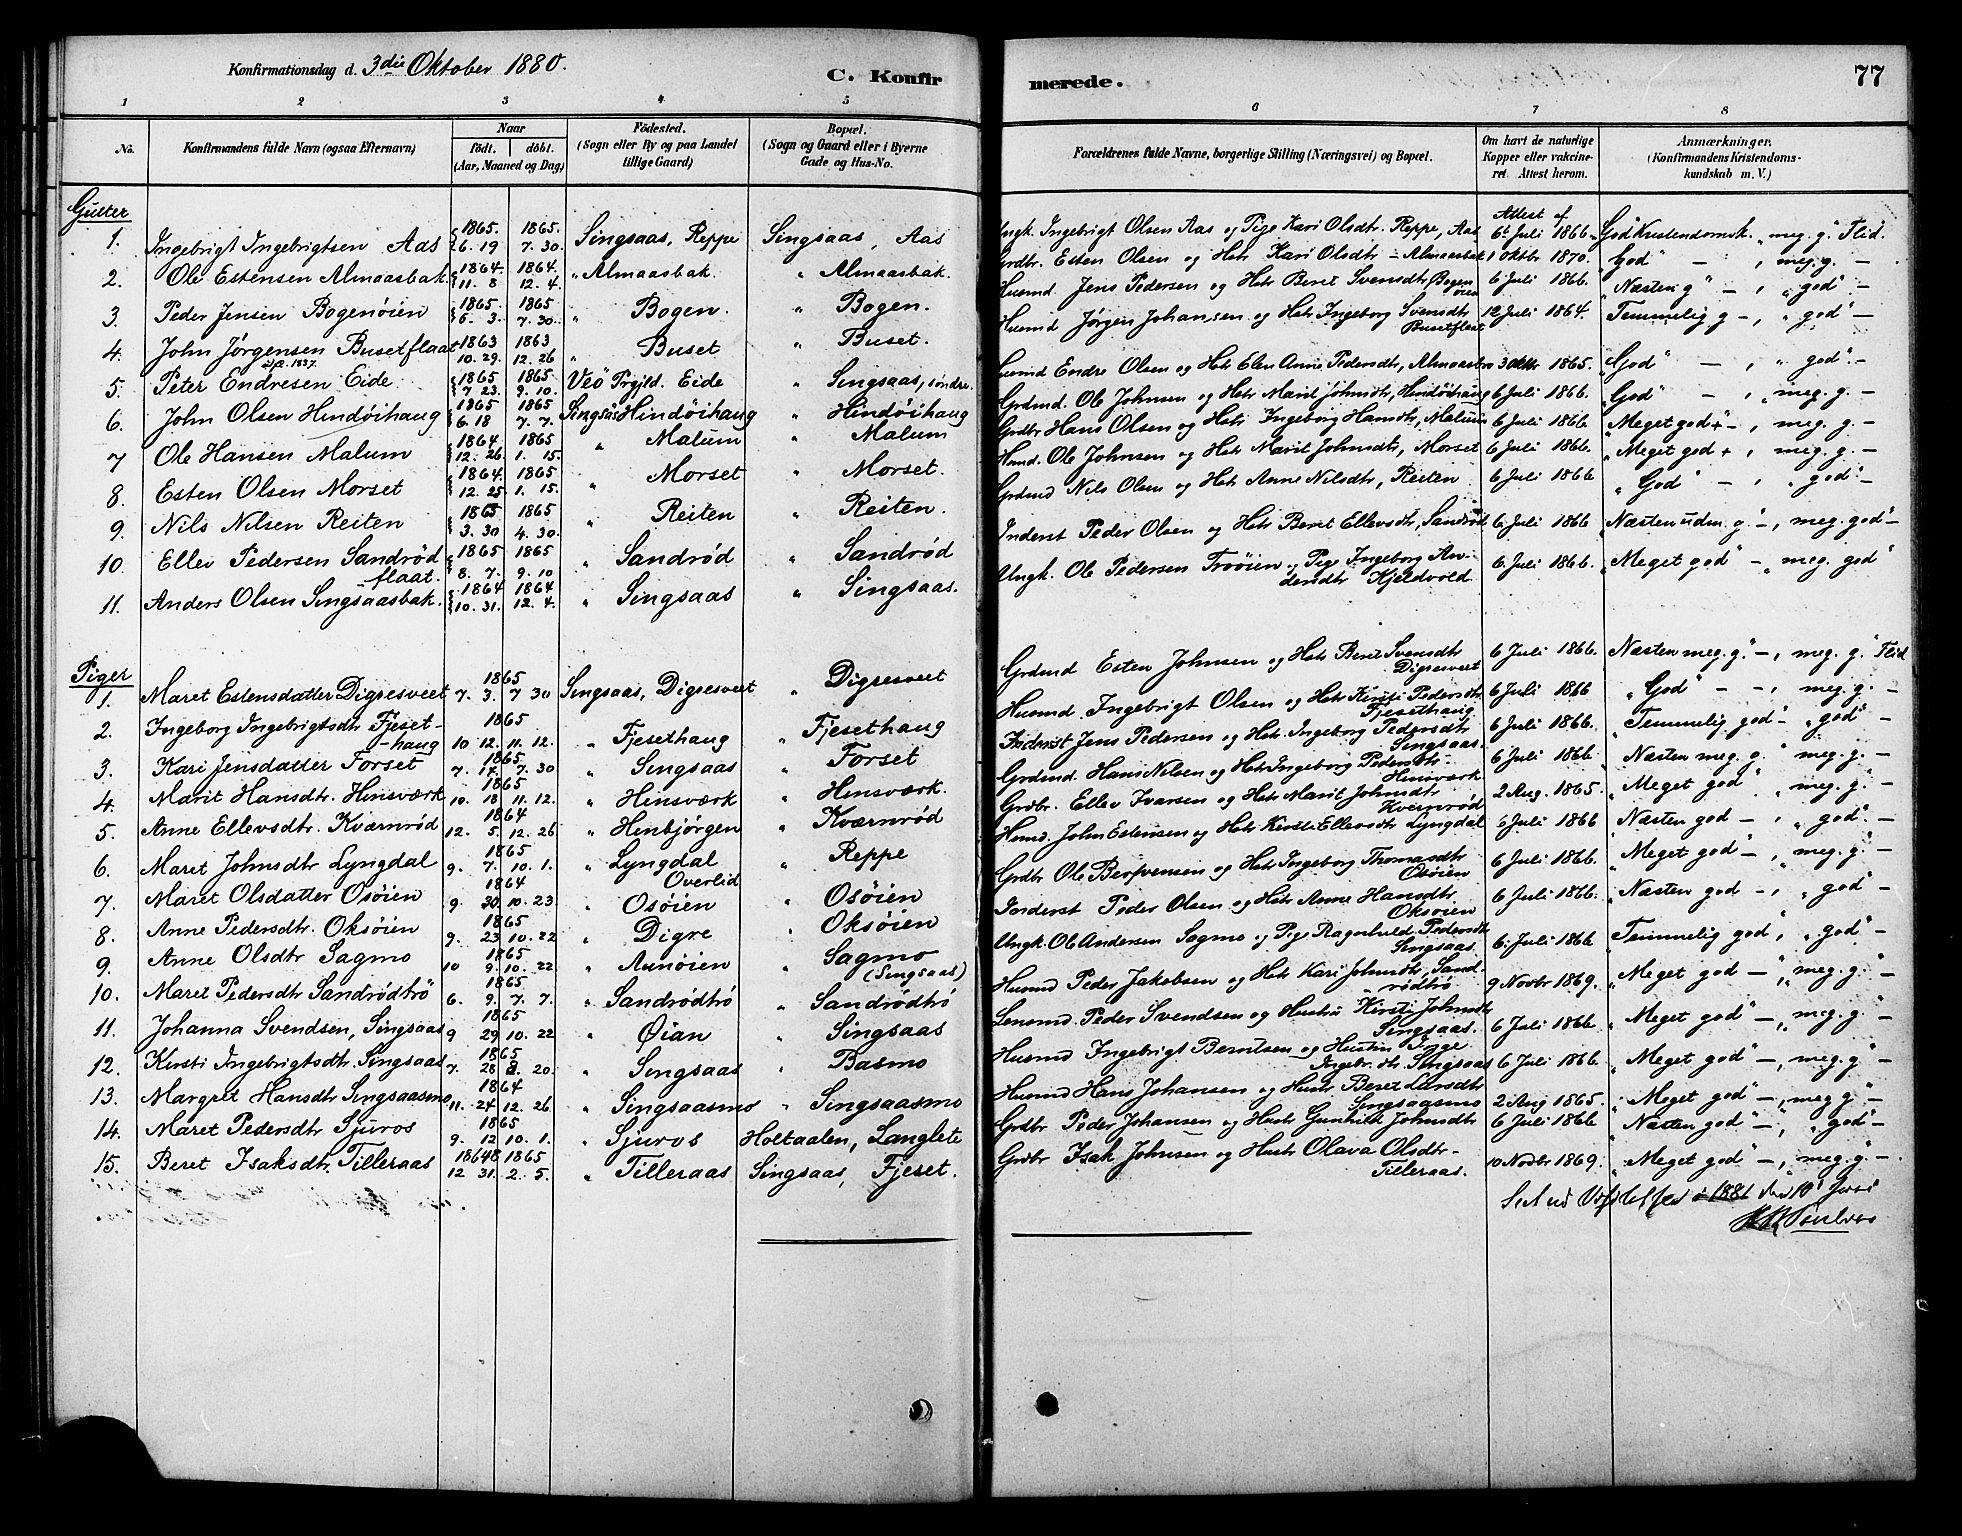 SAT, Ministerialprotokoller, klokkerbøker og fødselsregistre - Sør-Trøndelag, 688/L1024: Ministerialbok nr. 688A01, 1879-1890, s. 77